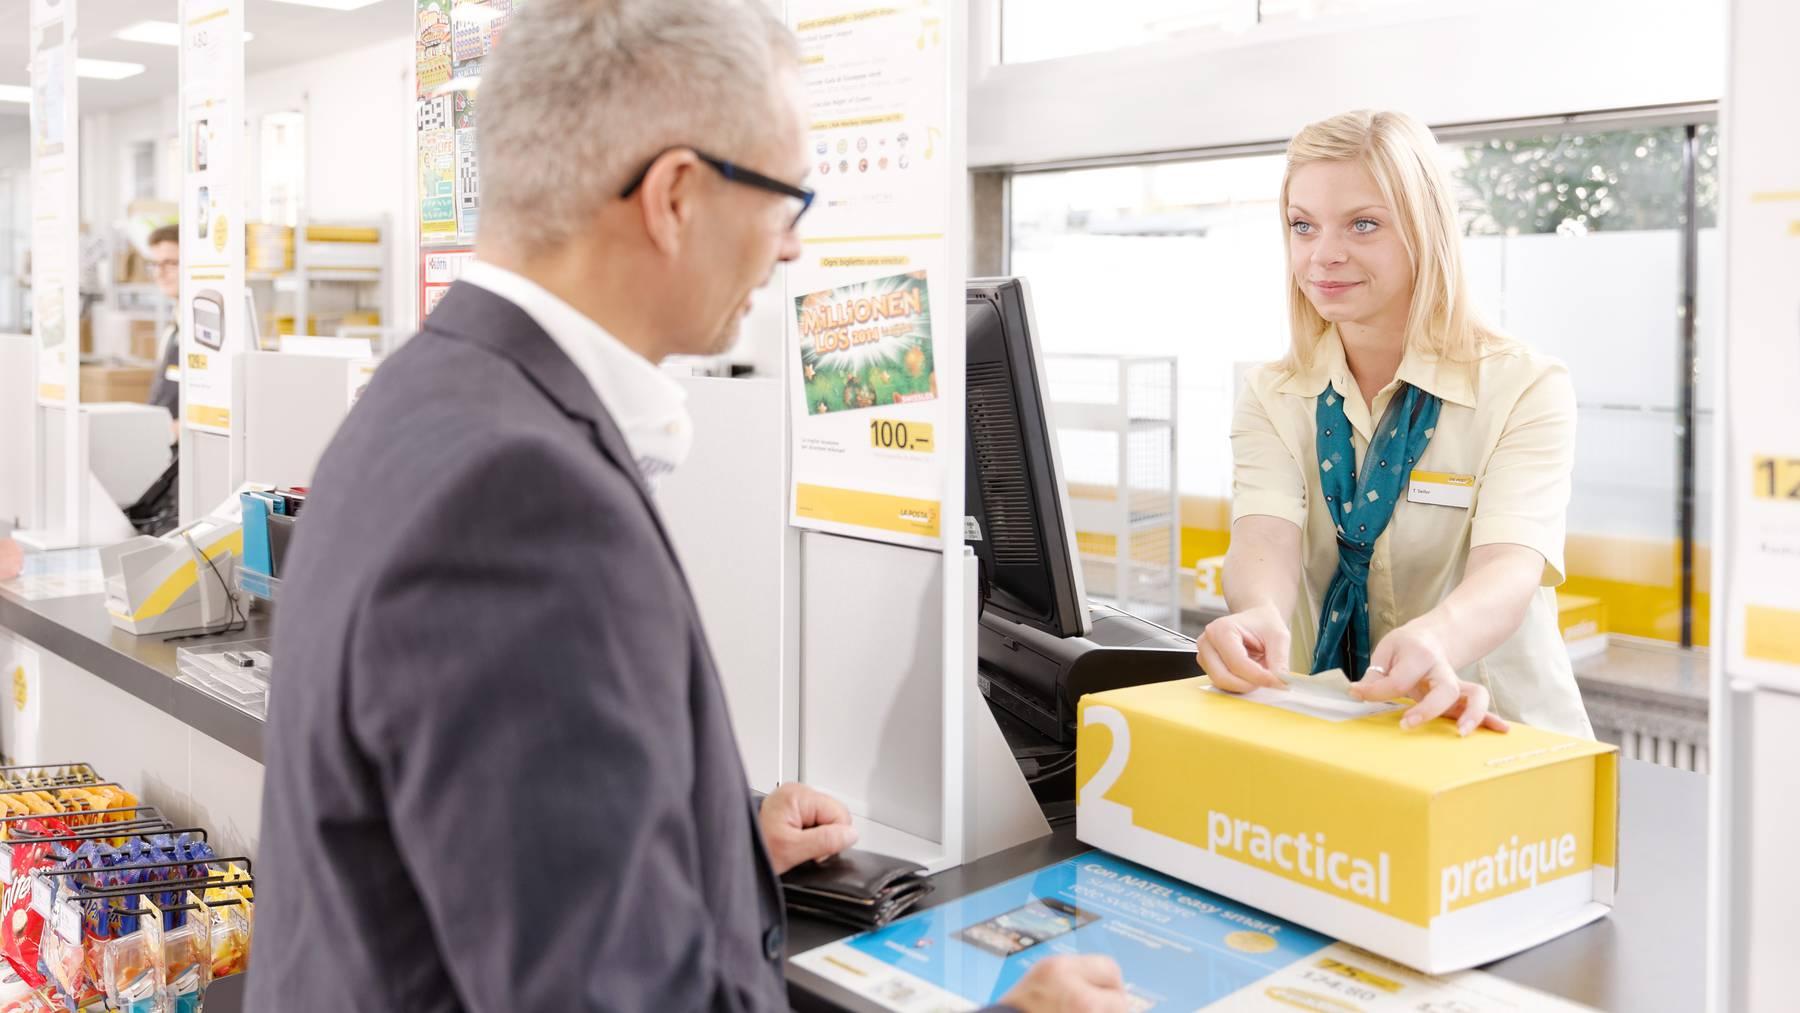 16 Poststellen in Luzern sollen zu Agenturen werden